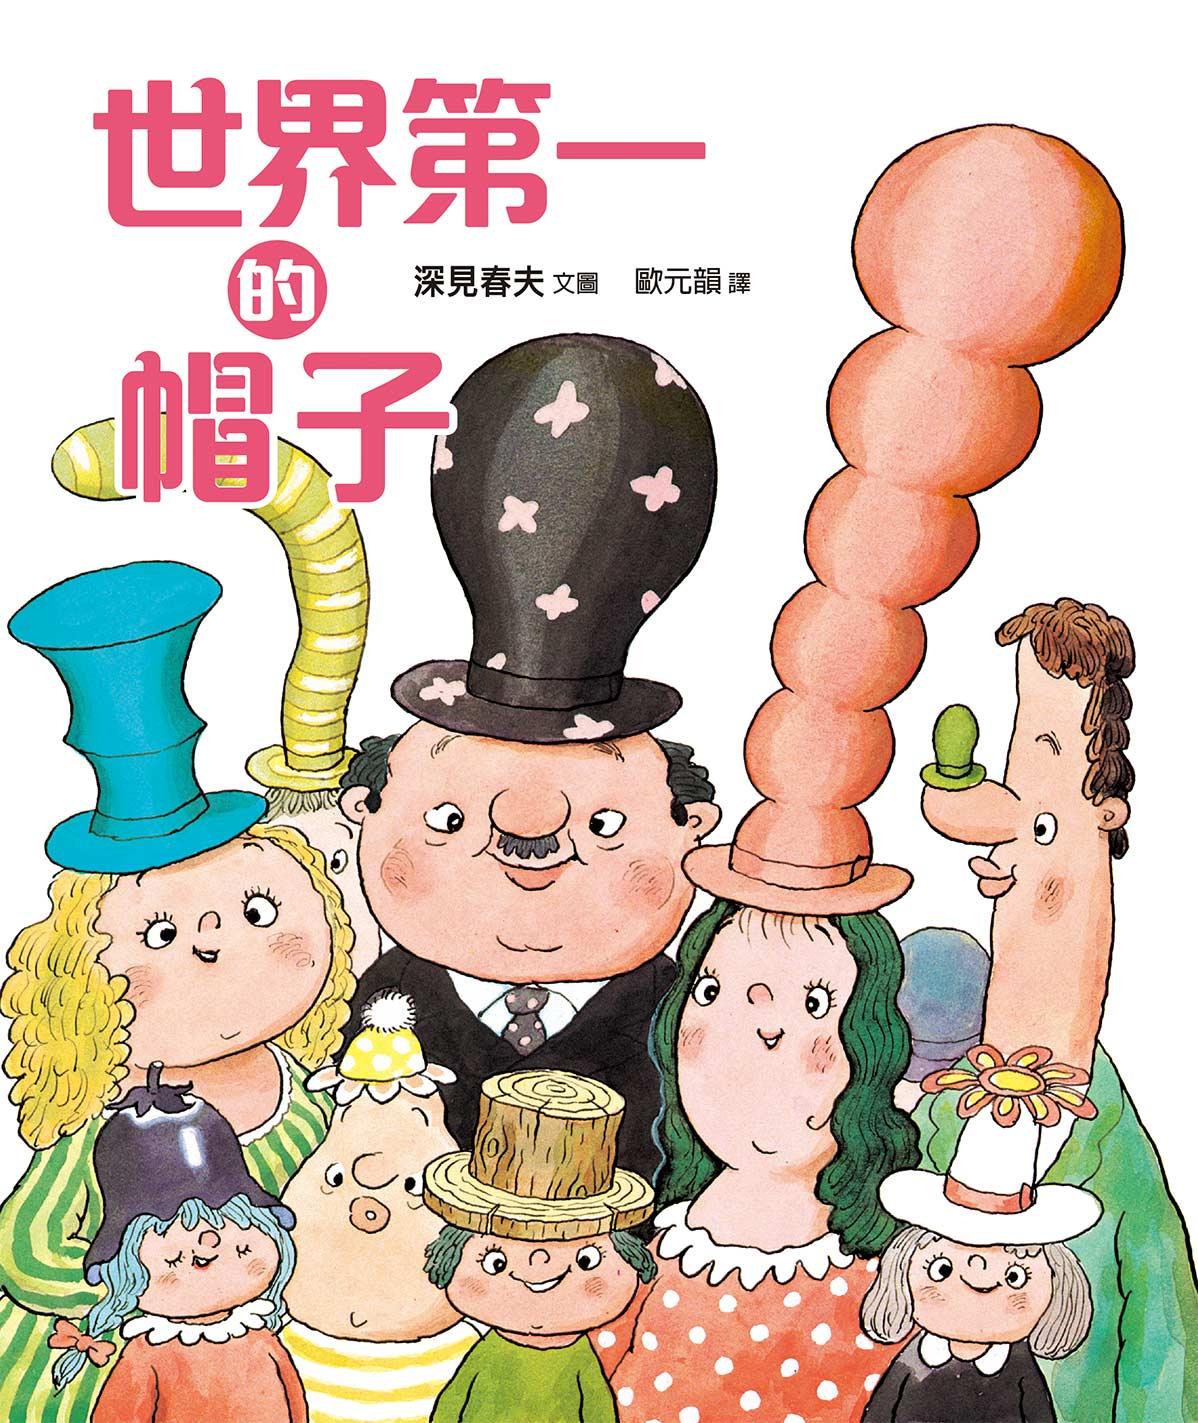 《蘇菲說故事》255 世界第一的帽子